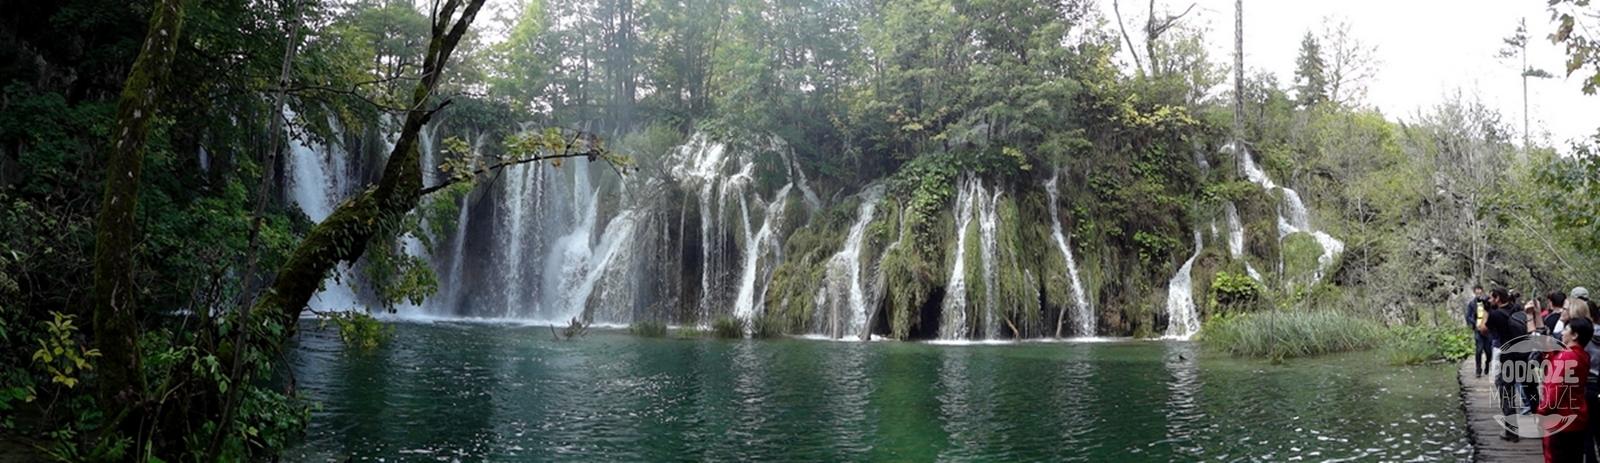 Chorwacja Jeziora Plitwickie Park Narodowy turyści i wodospady